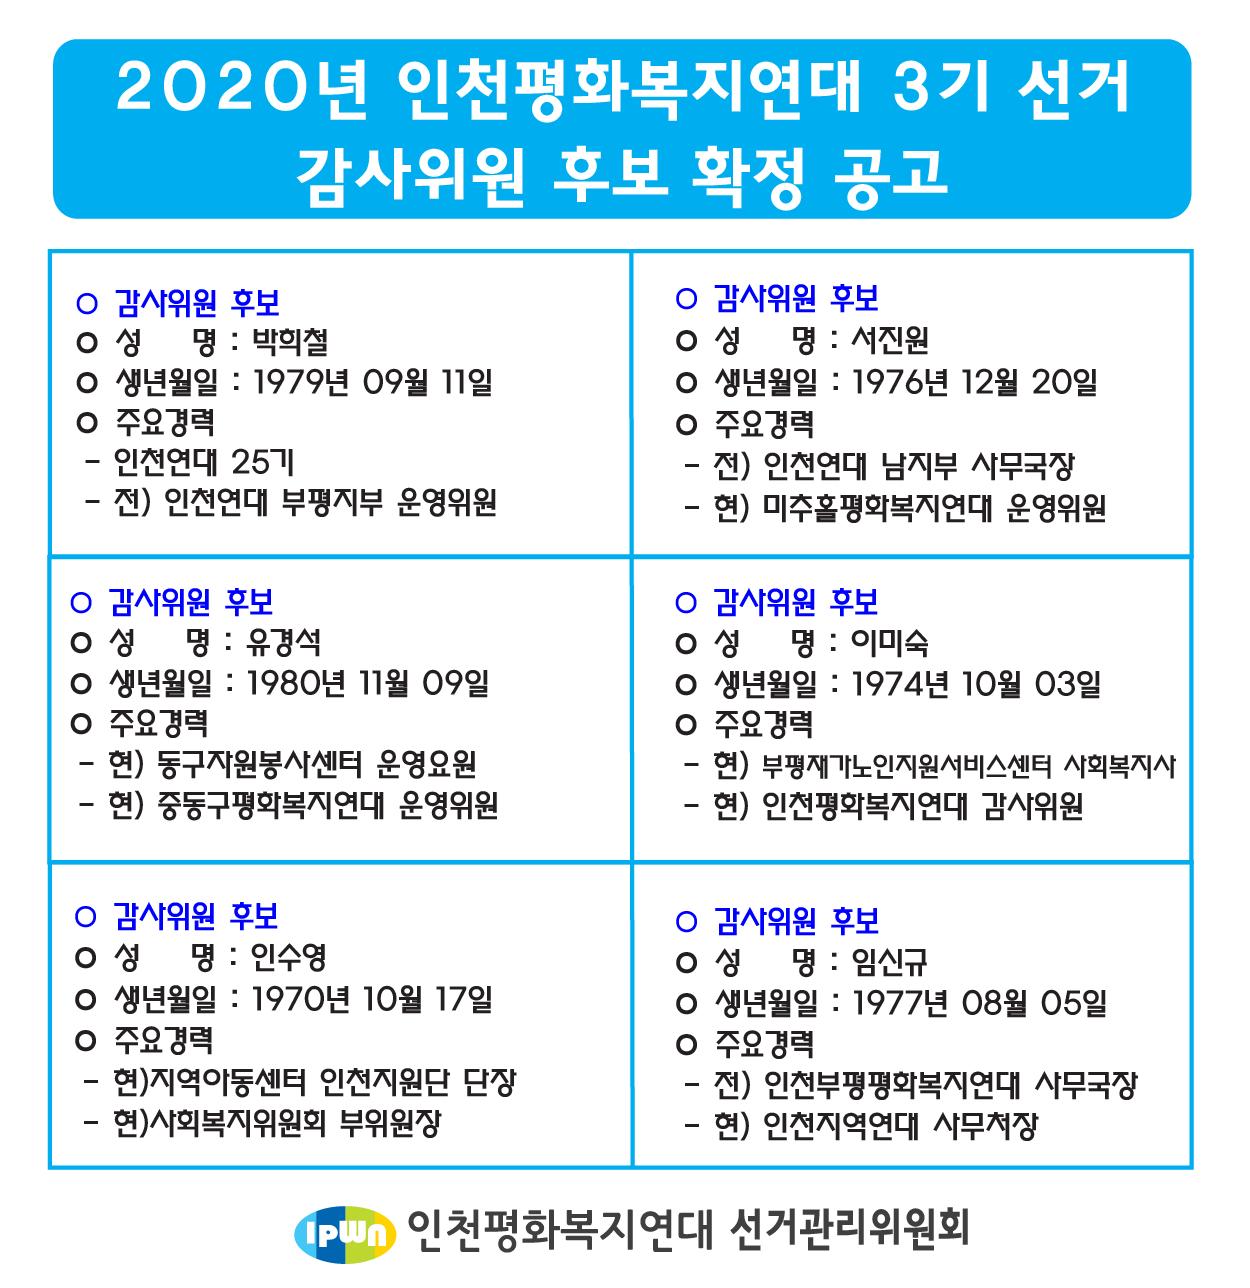 2020인천평화복지연대 감사위원 후보 공고.png